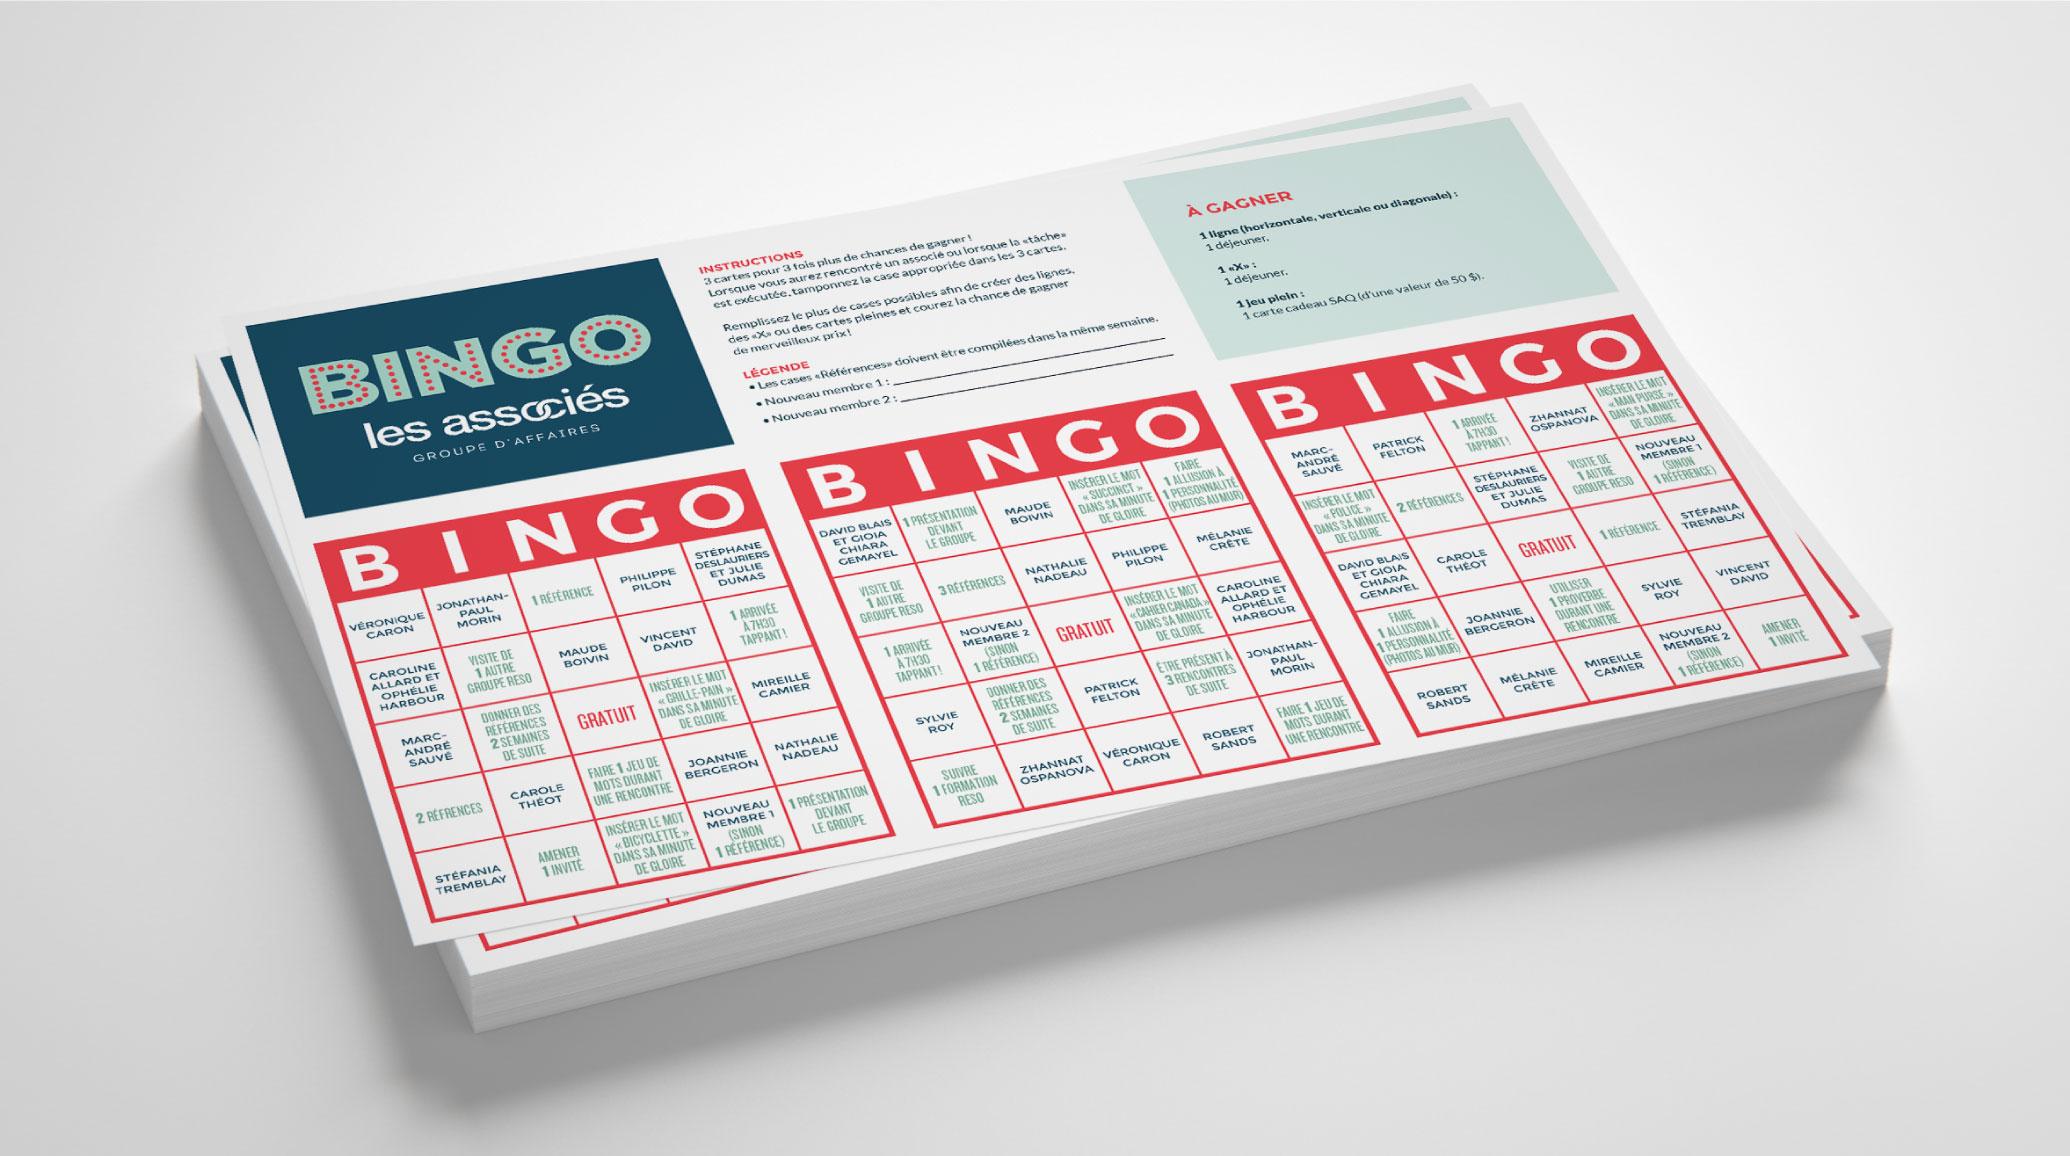 MlleRouge_LA_bingo